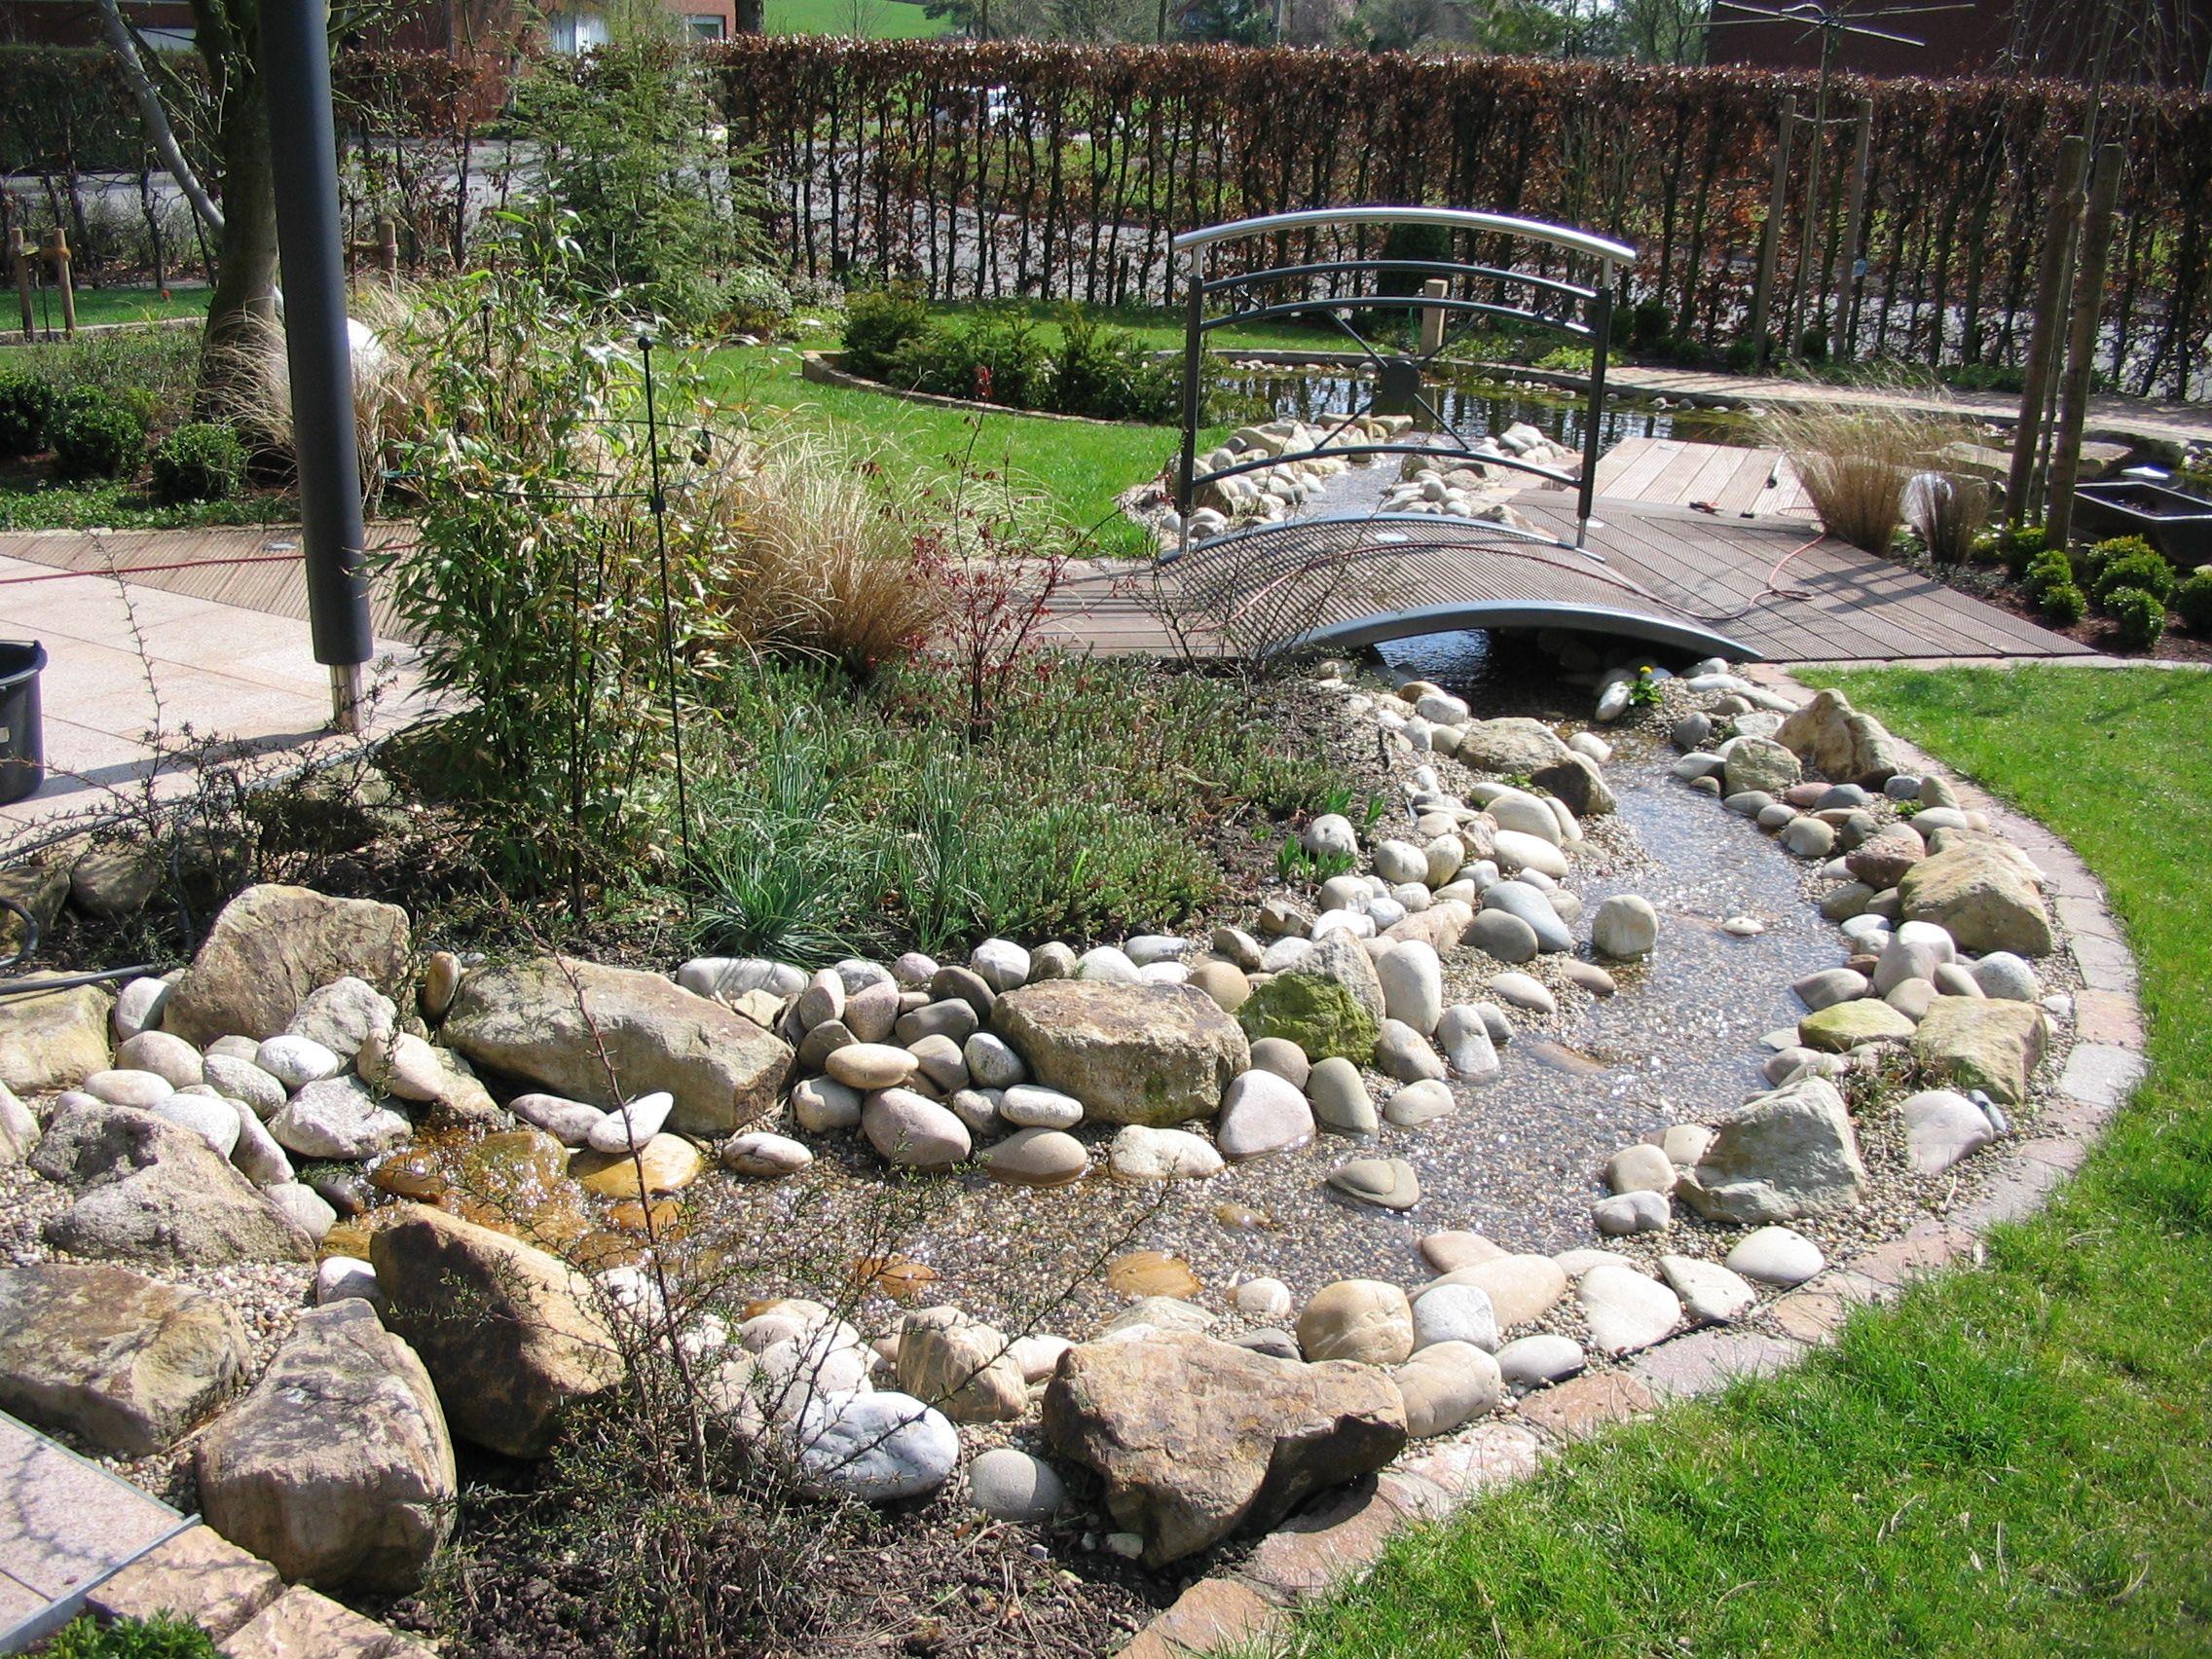 garten - bachlauf | garten | pinterest | bachlauf, gärten und teiche, Garten und bauen